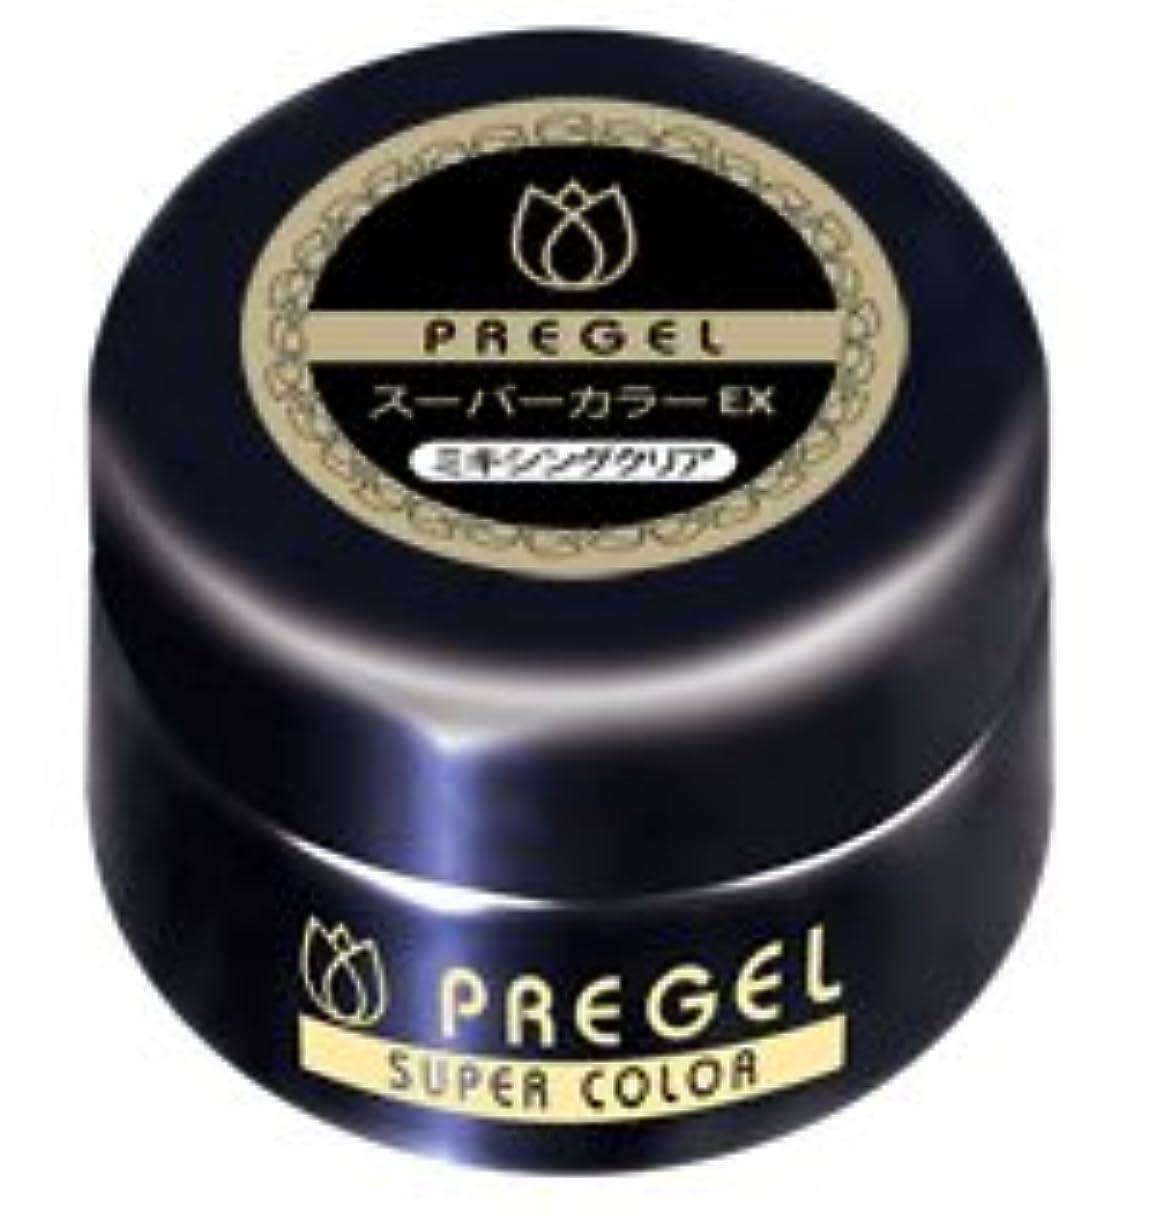 ペデスタル間違い不良品PREGEL(プリジェル) スーパーカラーEx PG-SE000 <BR>ミキシングクリア 4g